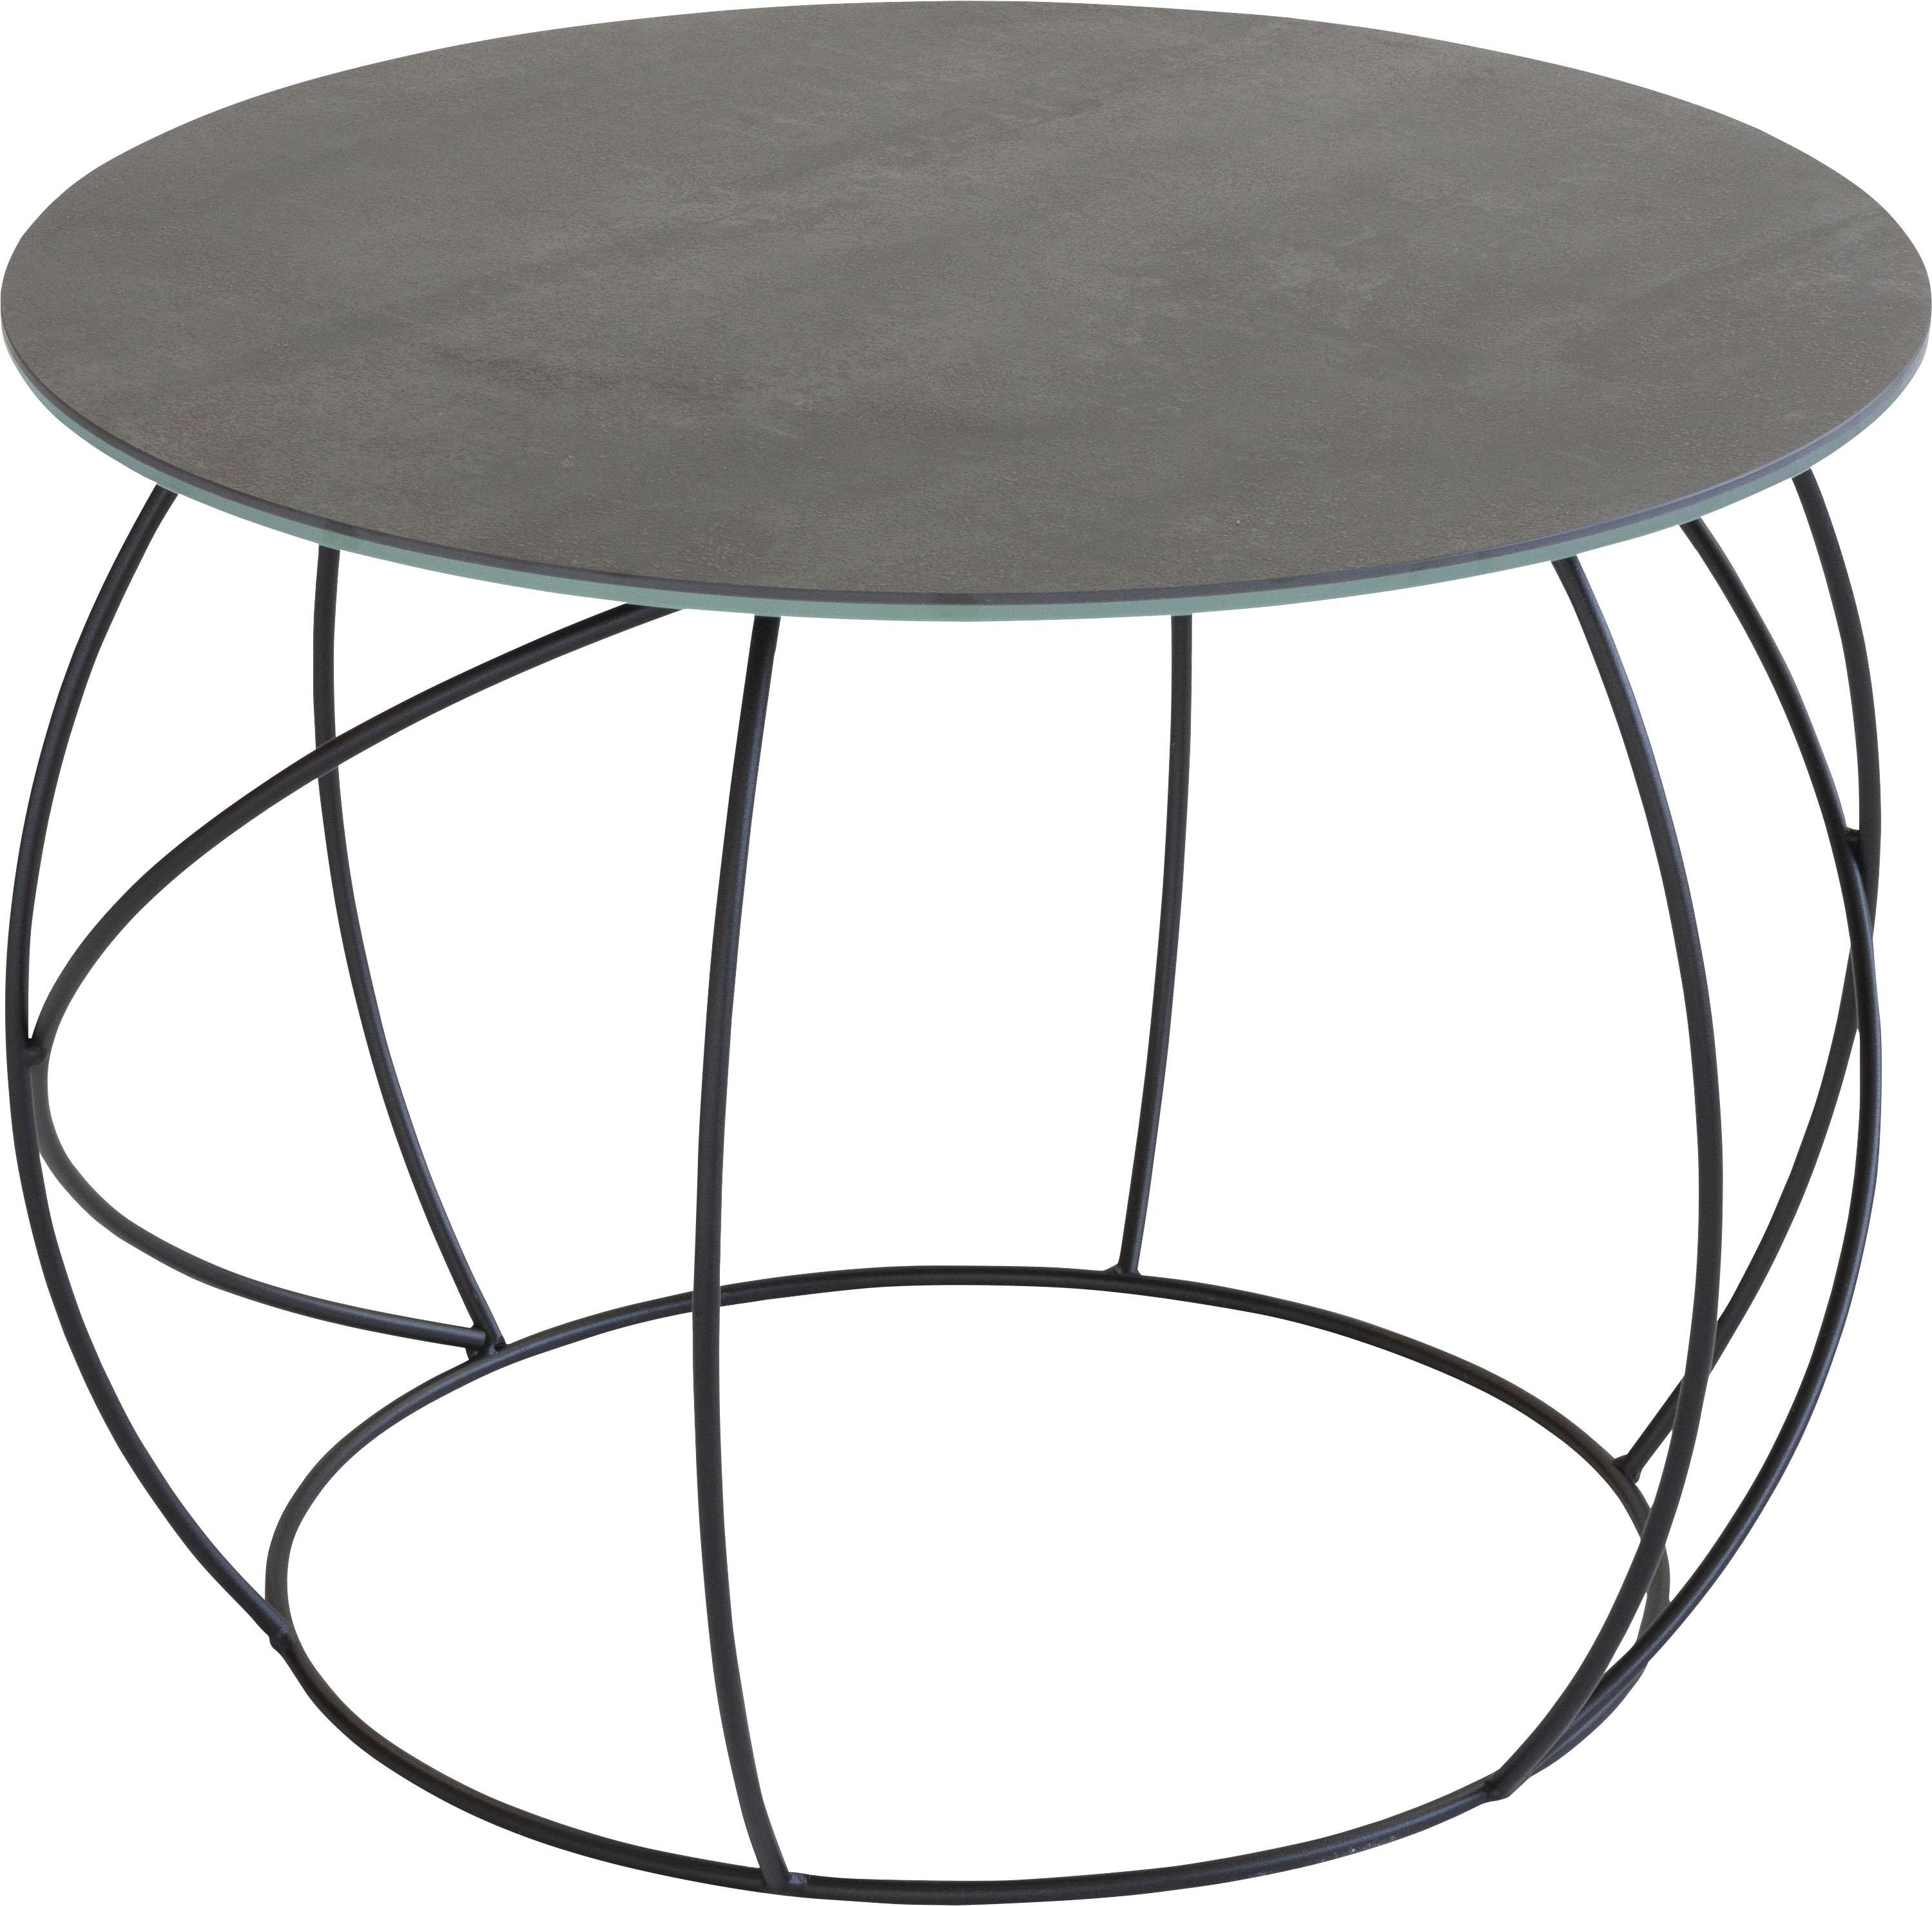 Henke Möbel Beistelltisch, Tischplatte aus hochwertiger Keramik schwarz Beistelltische Tische Beistelltisch